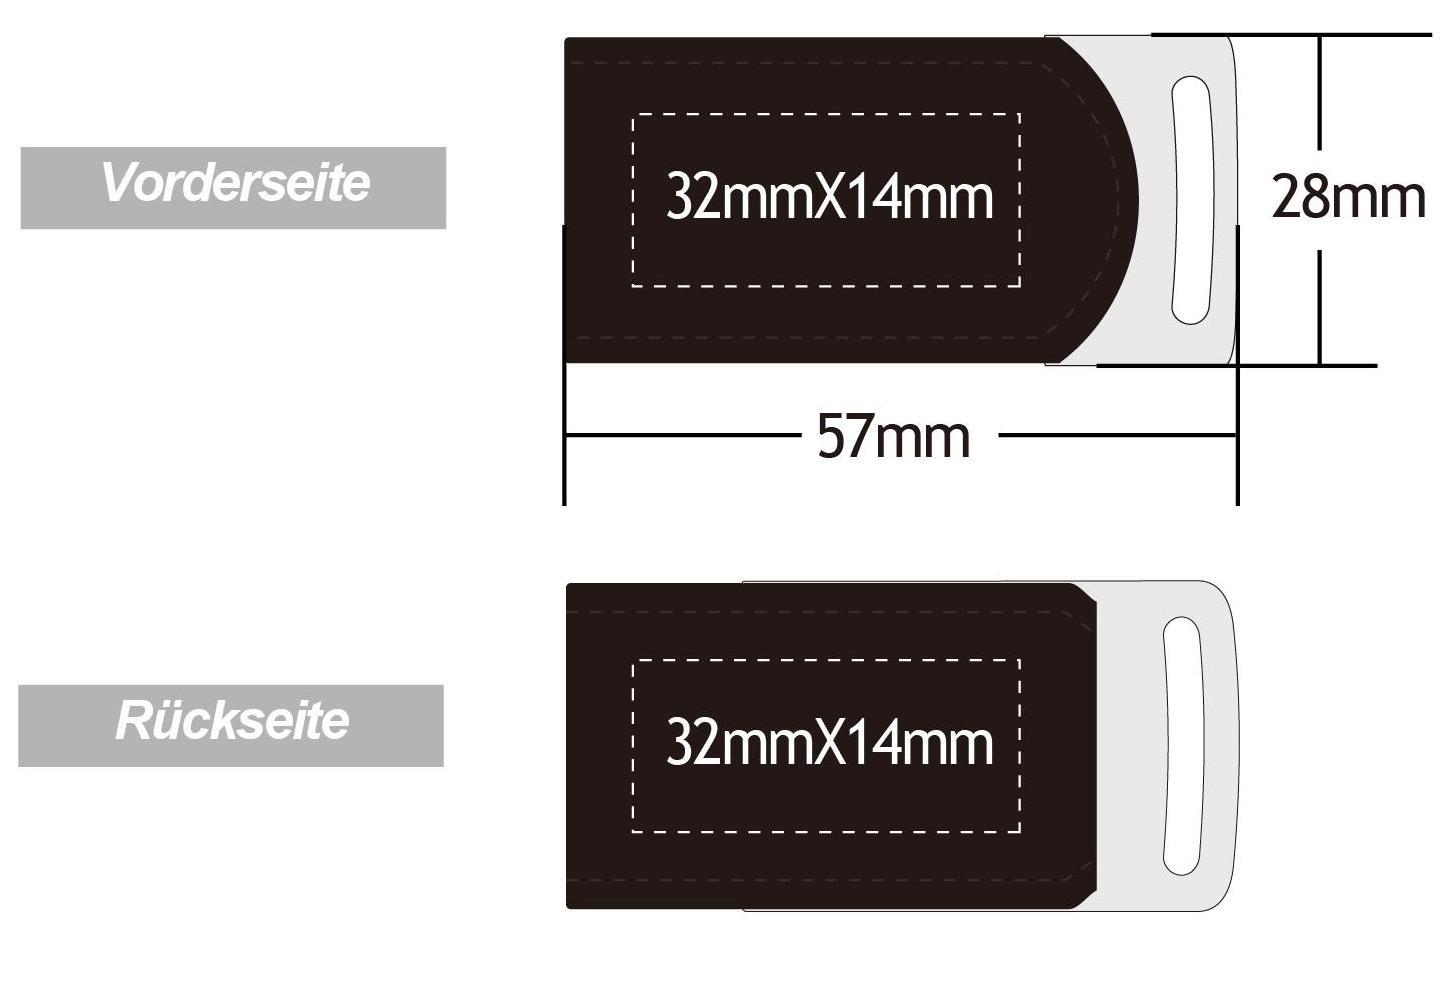 Leder-USB-Stick-PoletVucObDUKZ4Rg